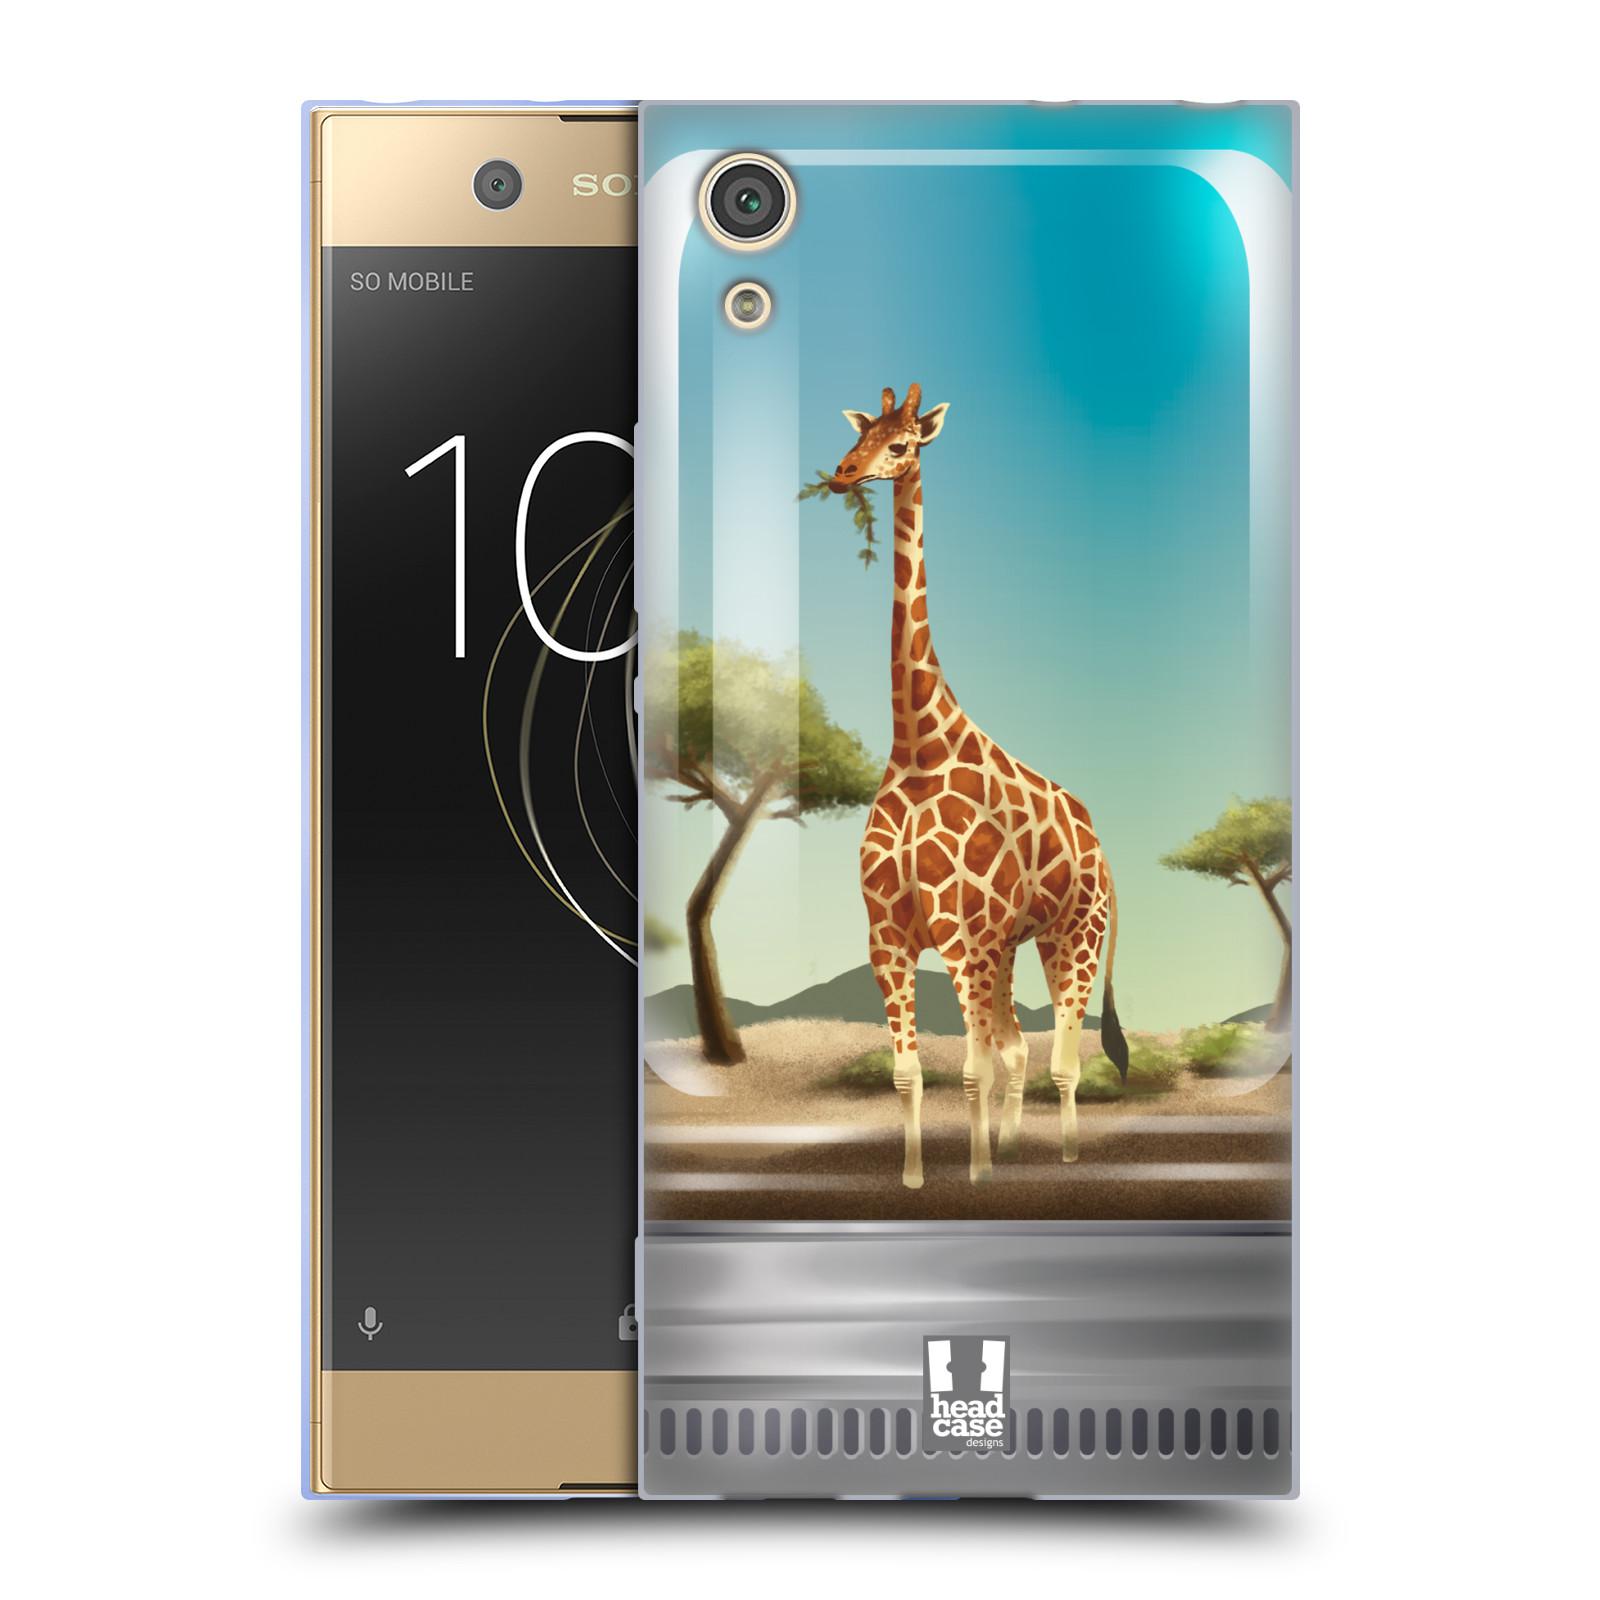 HEAD CASE silikonový obal na mobil Sony Xperia XA1 / XA1 DUAL SIM vzor Zvířátka v těžítku žirafa